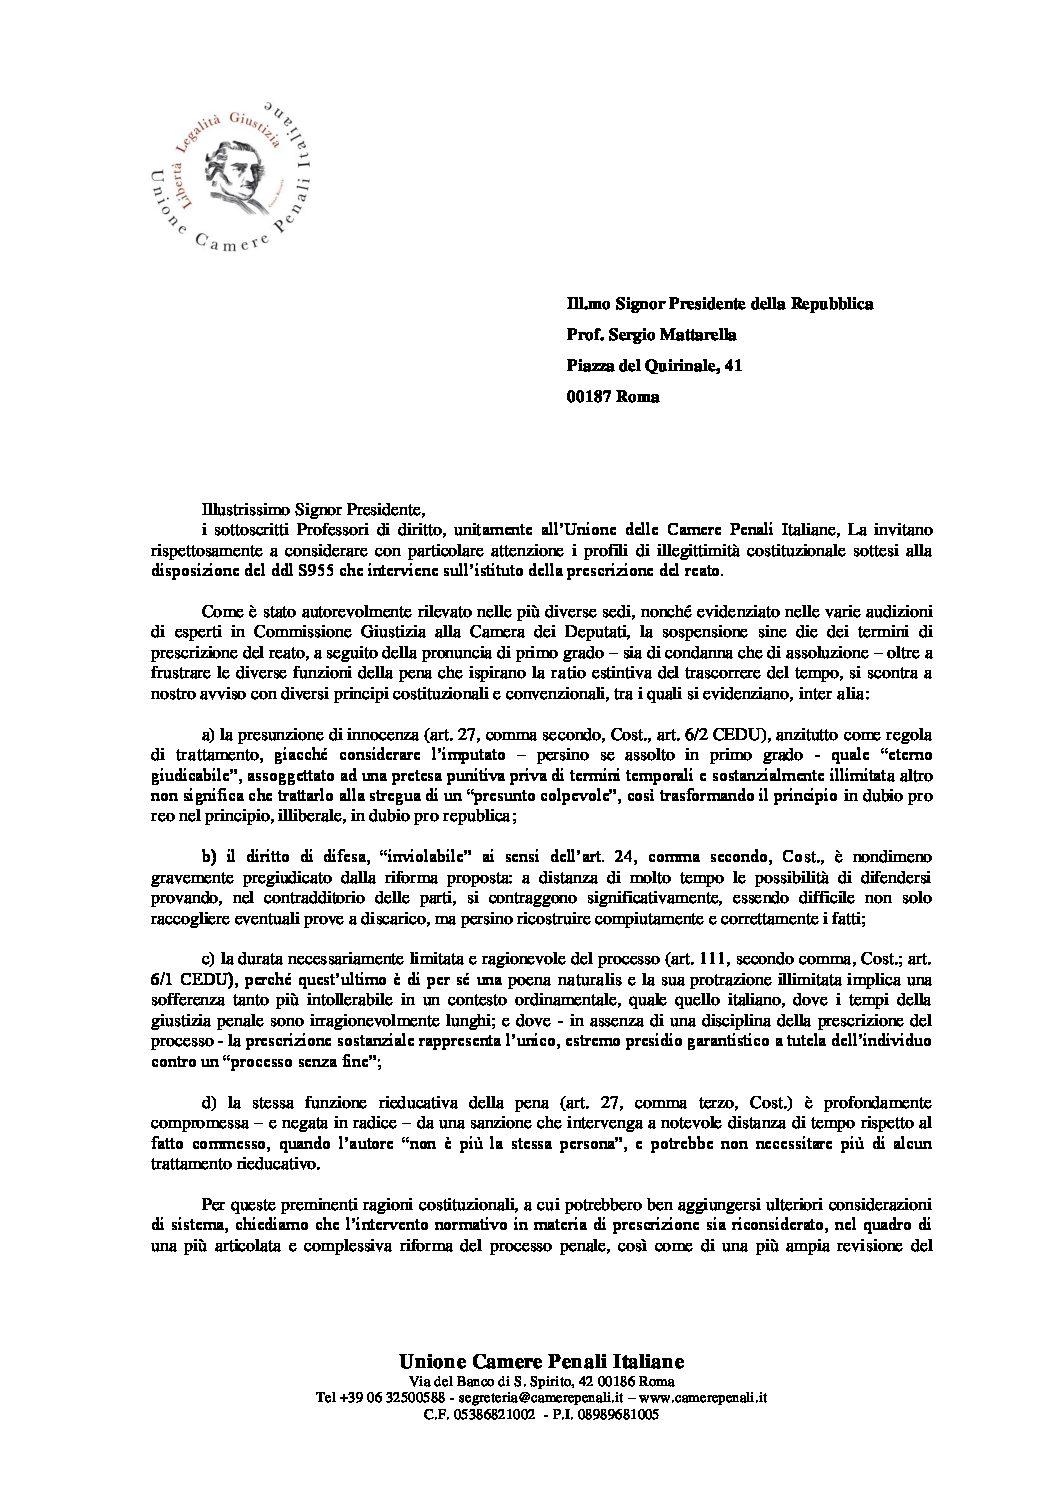 Appello al Presidente della Repubblica – DDL S955